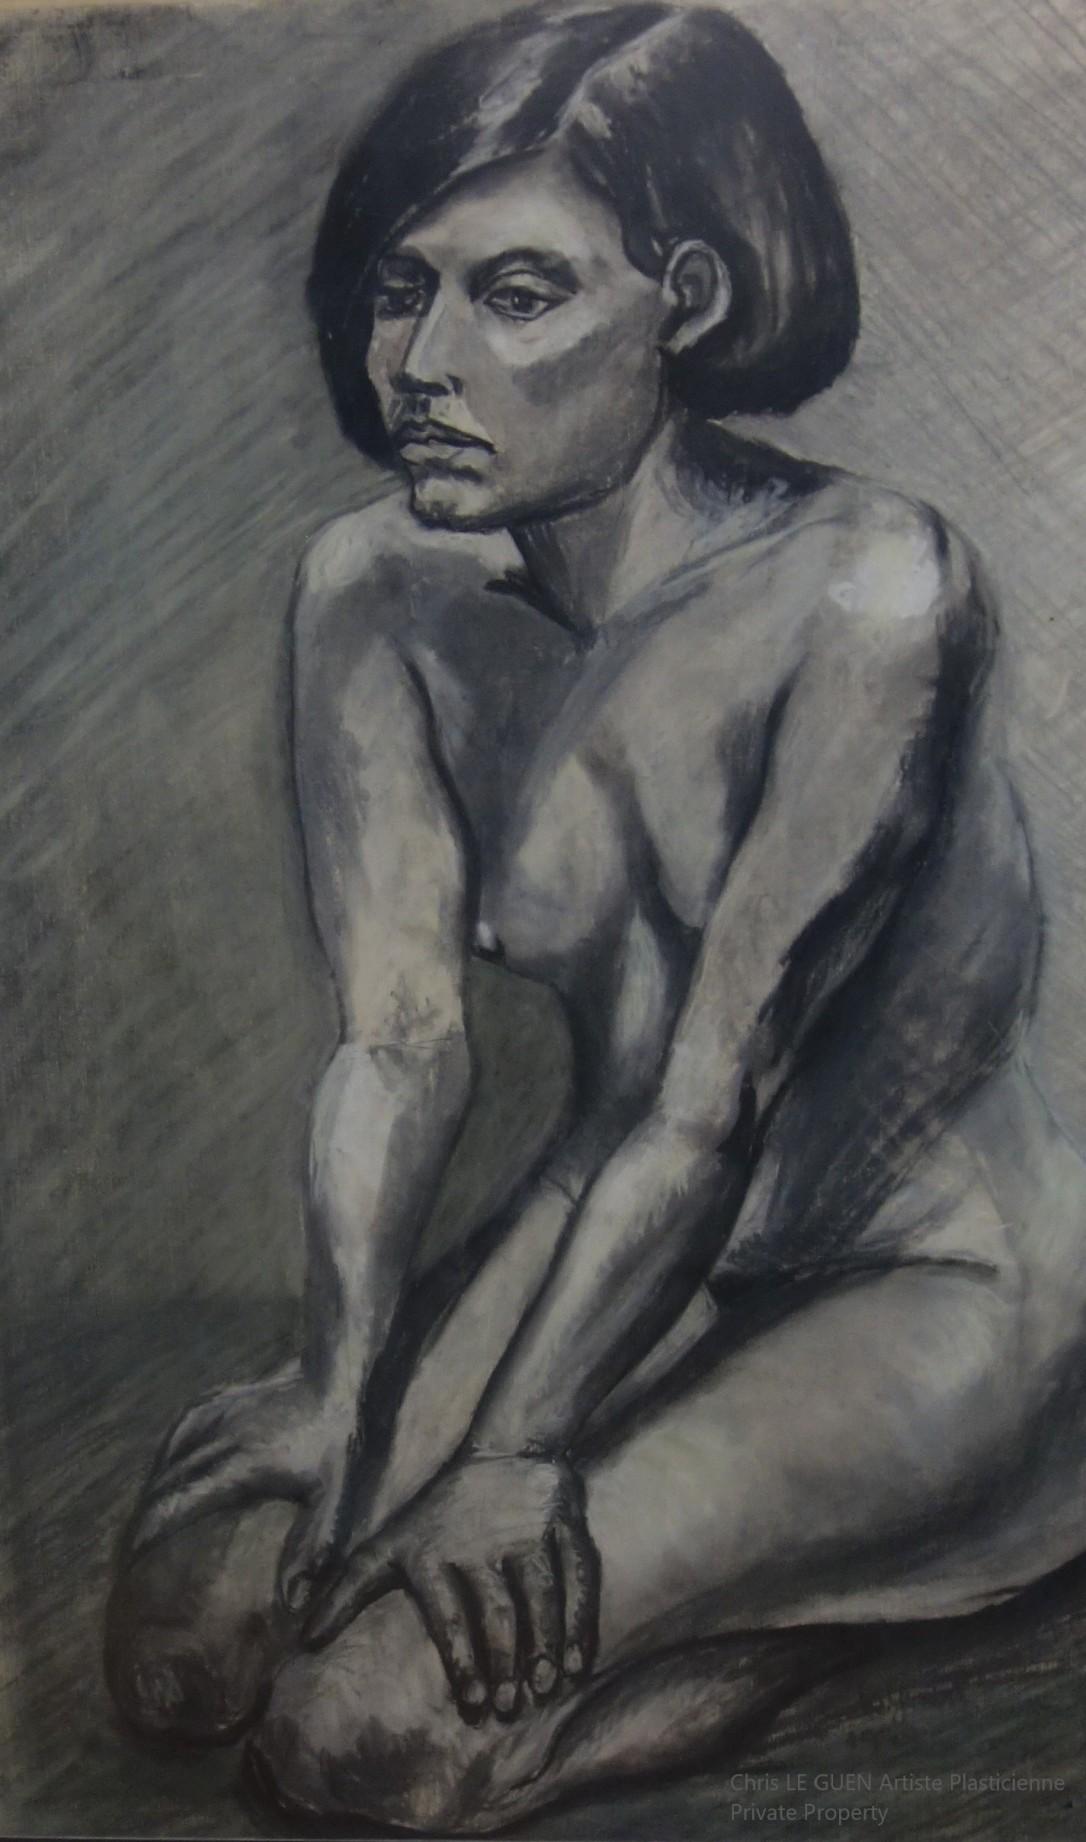 Chris Le Guen Artiste Plasticienne Peintre et Sculptrice a dessiné N°6